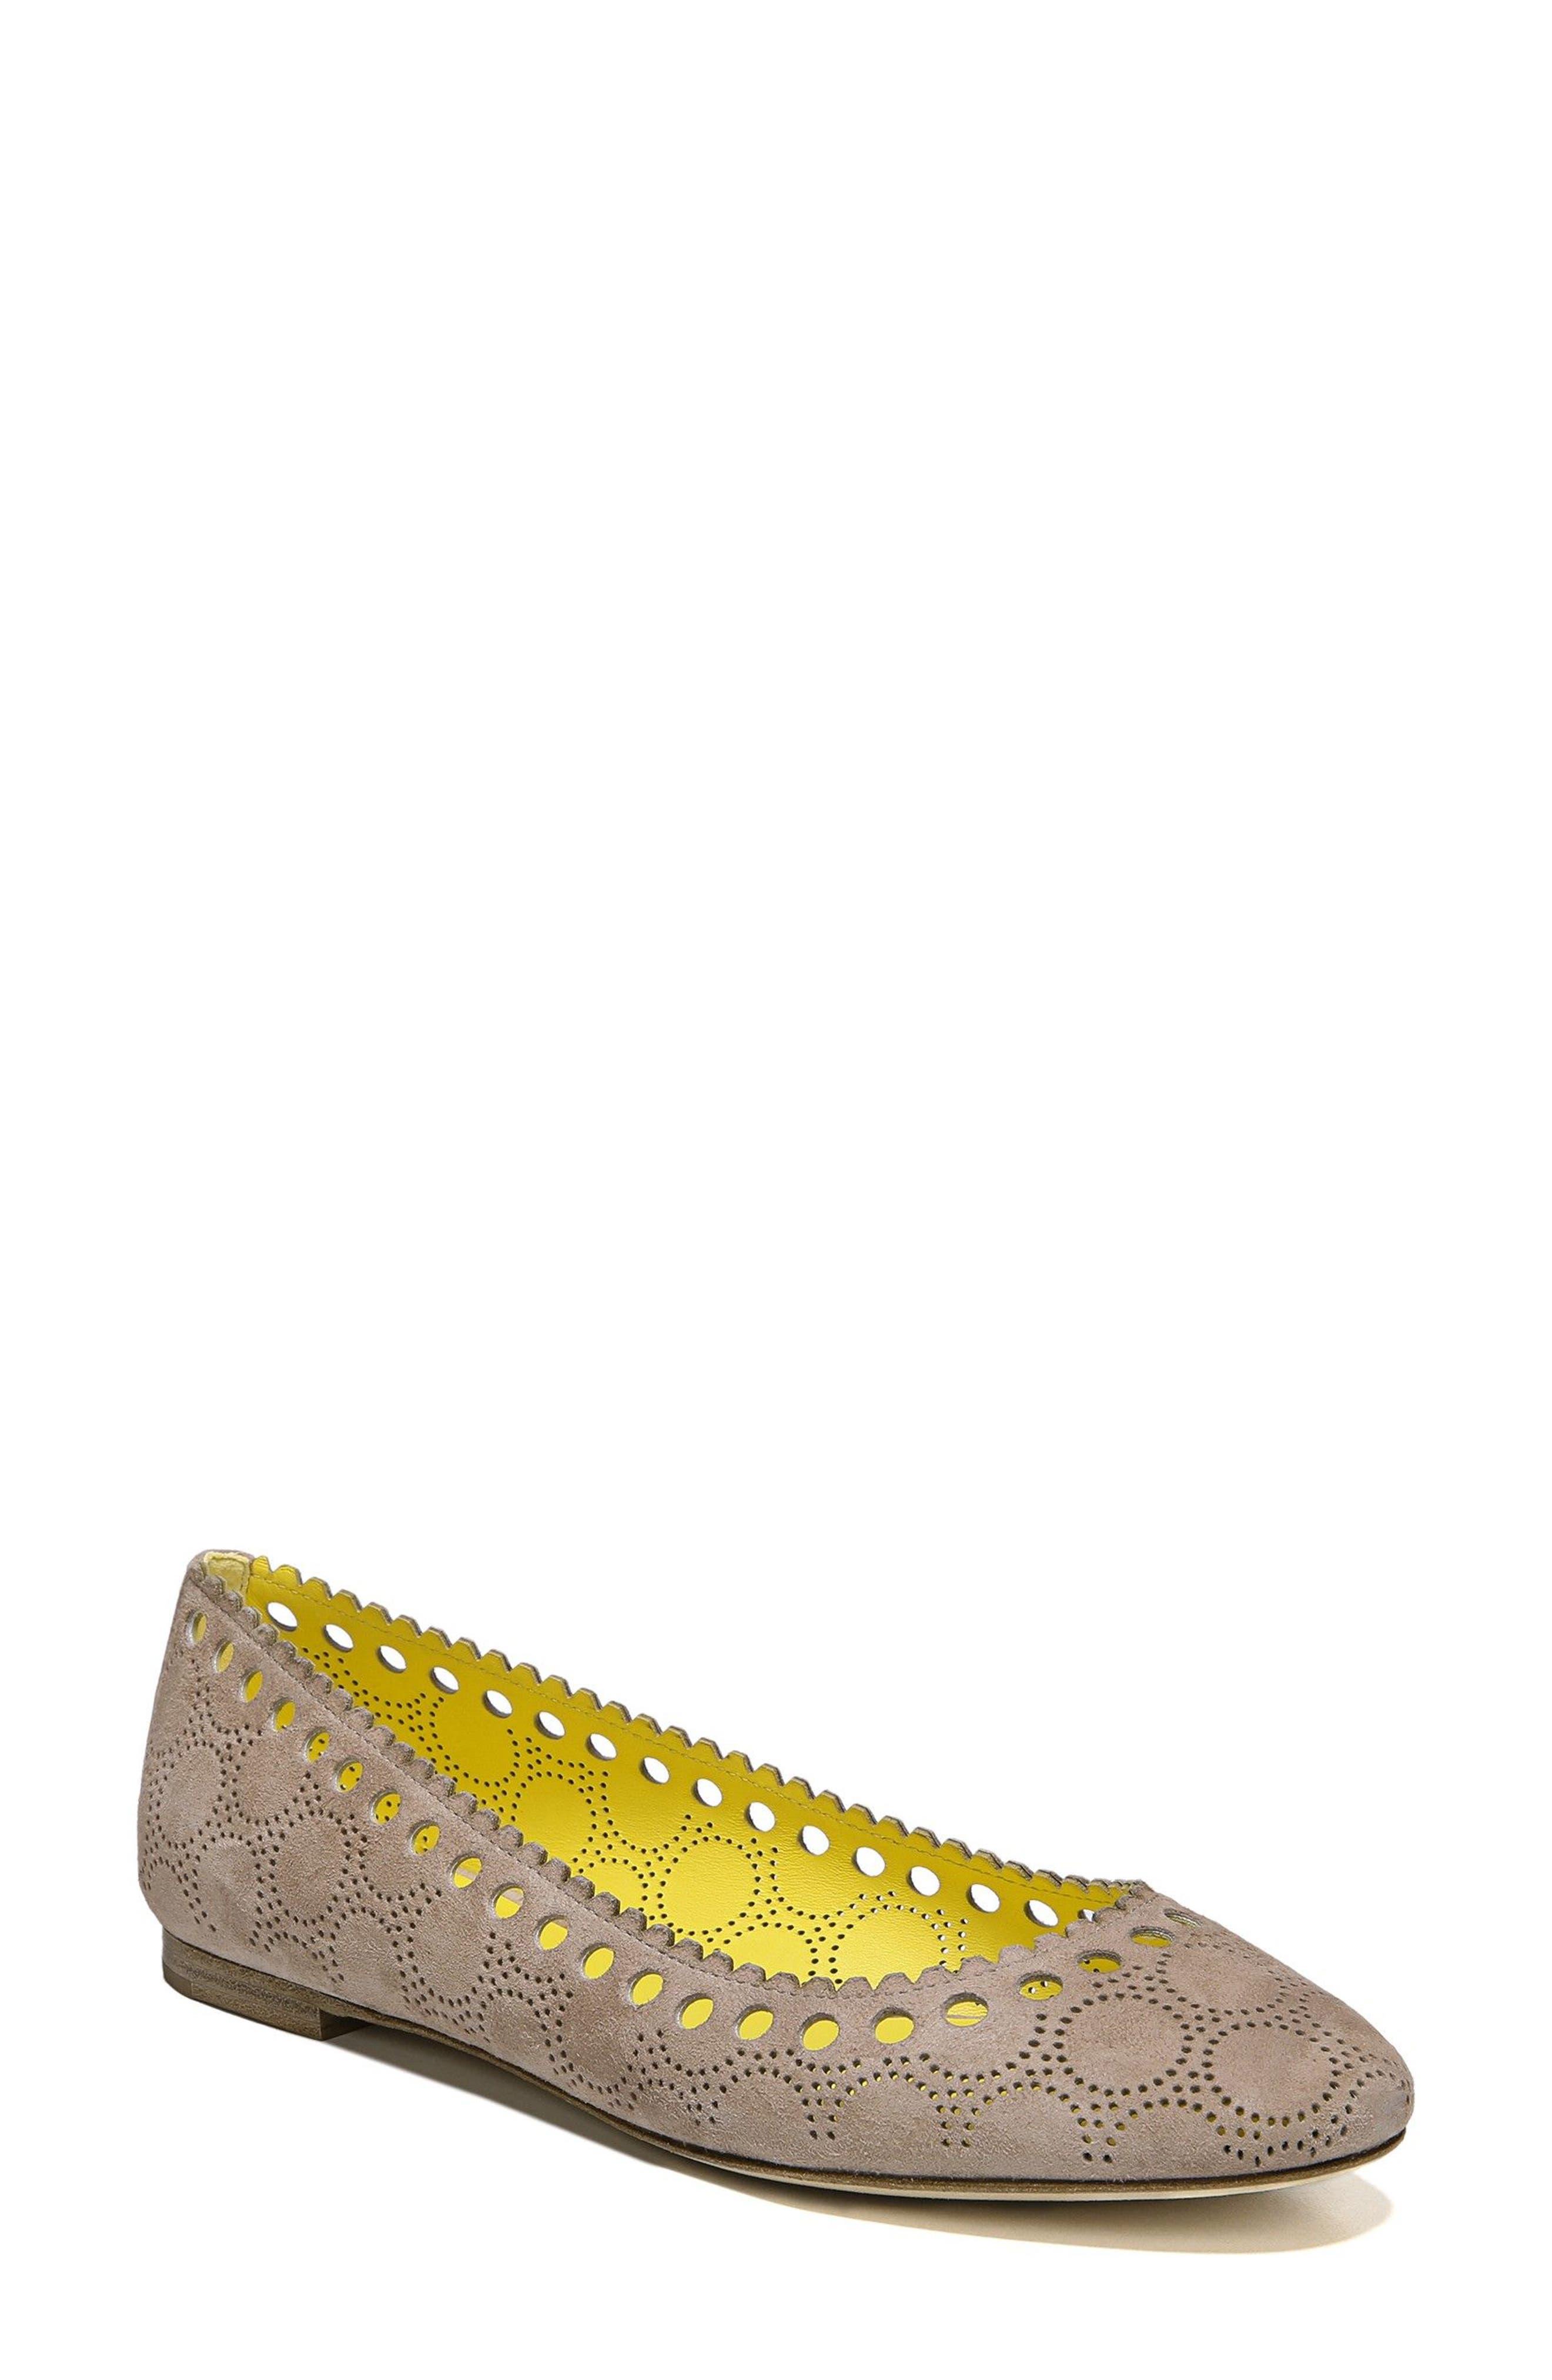 Diane Von Furstenberg Corolla Flat (Women)